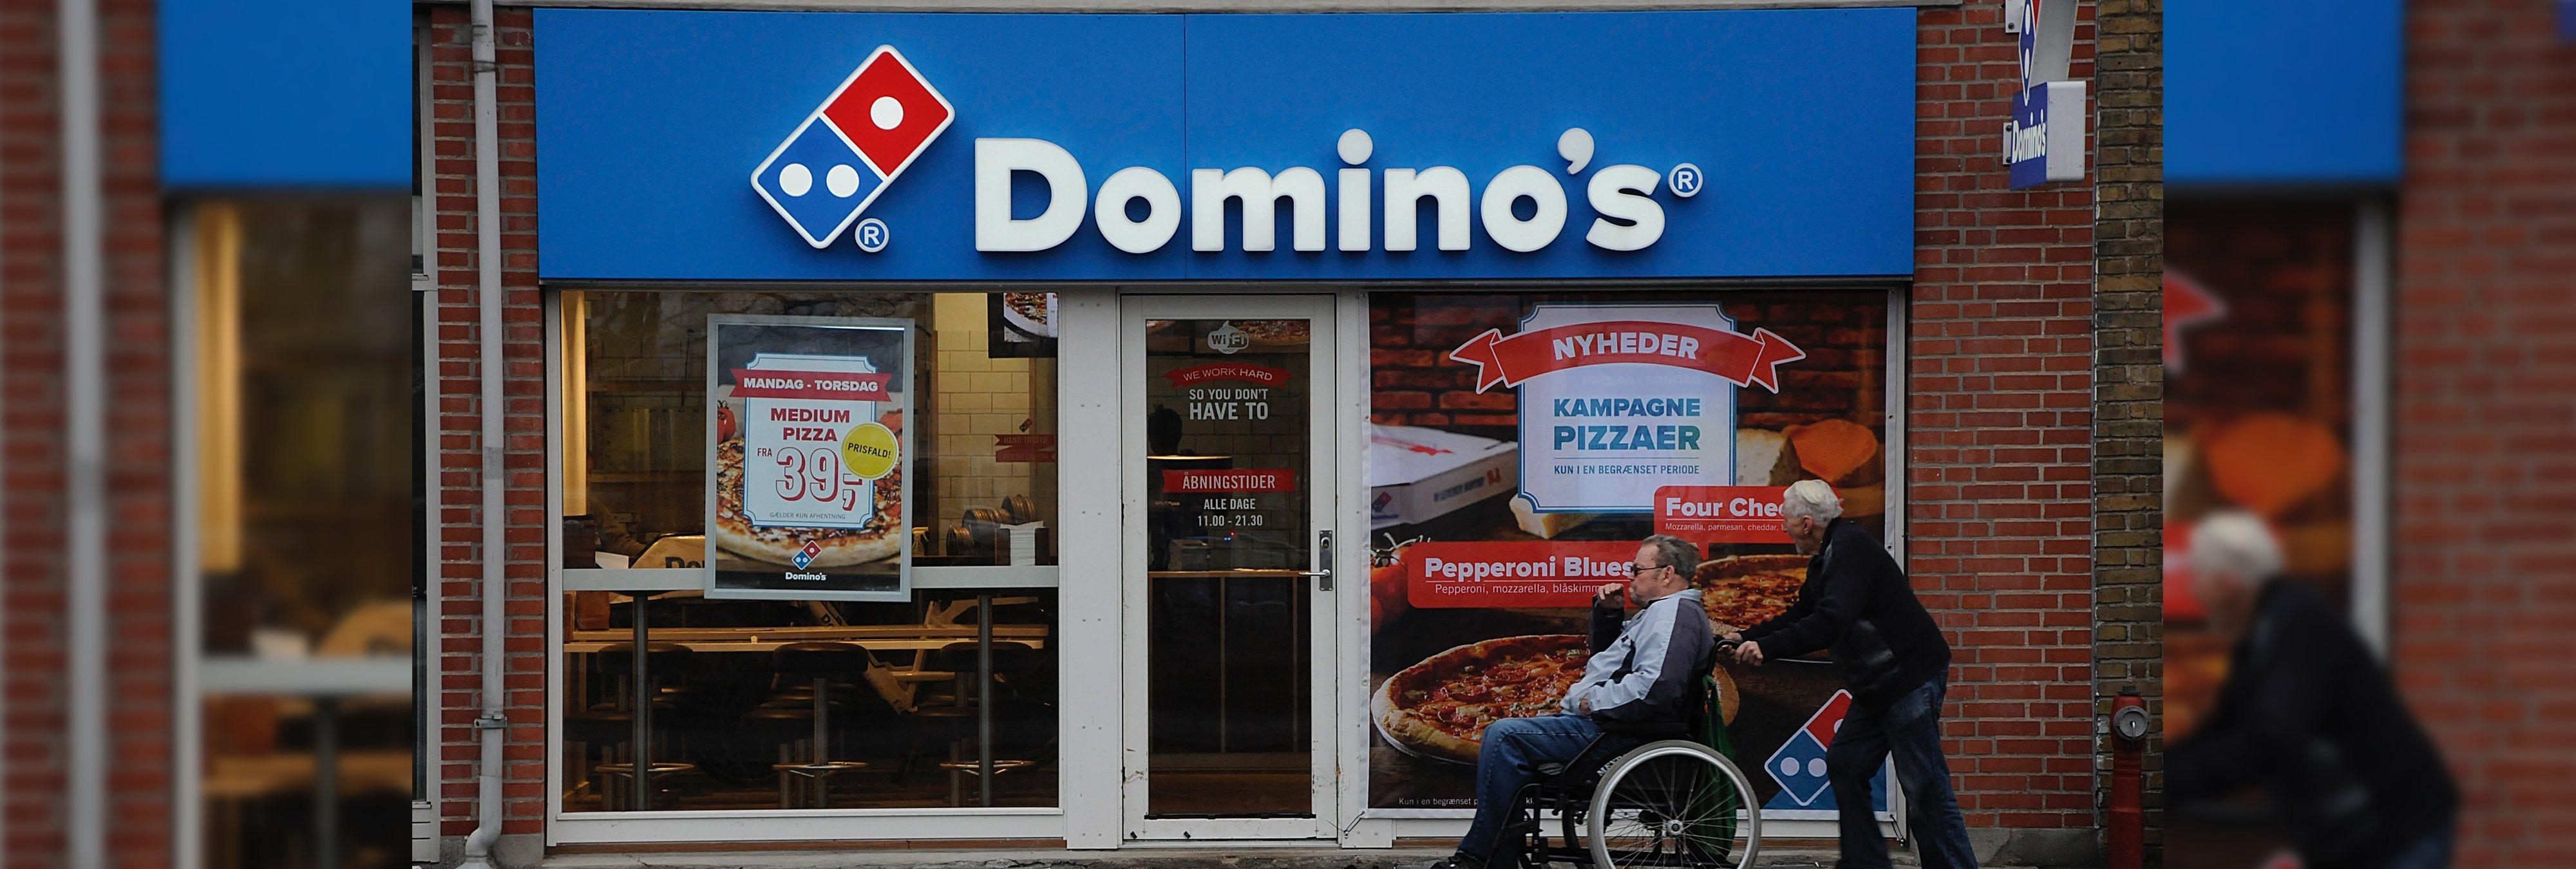 Pizza gratis de por vida por tatuarse el logo de la empresa: la campaña de Domino's que se le ha vuelto en contra